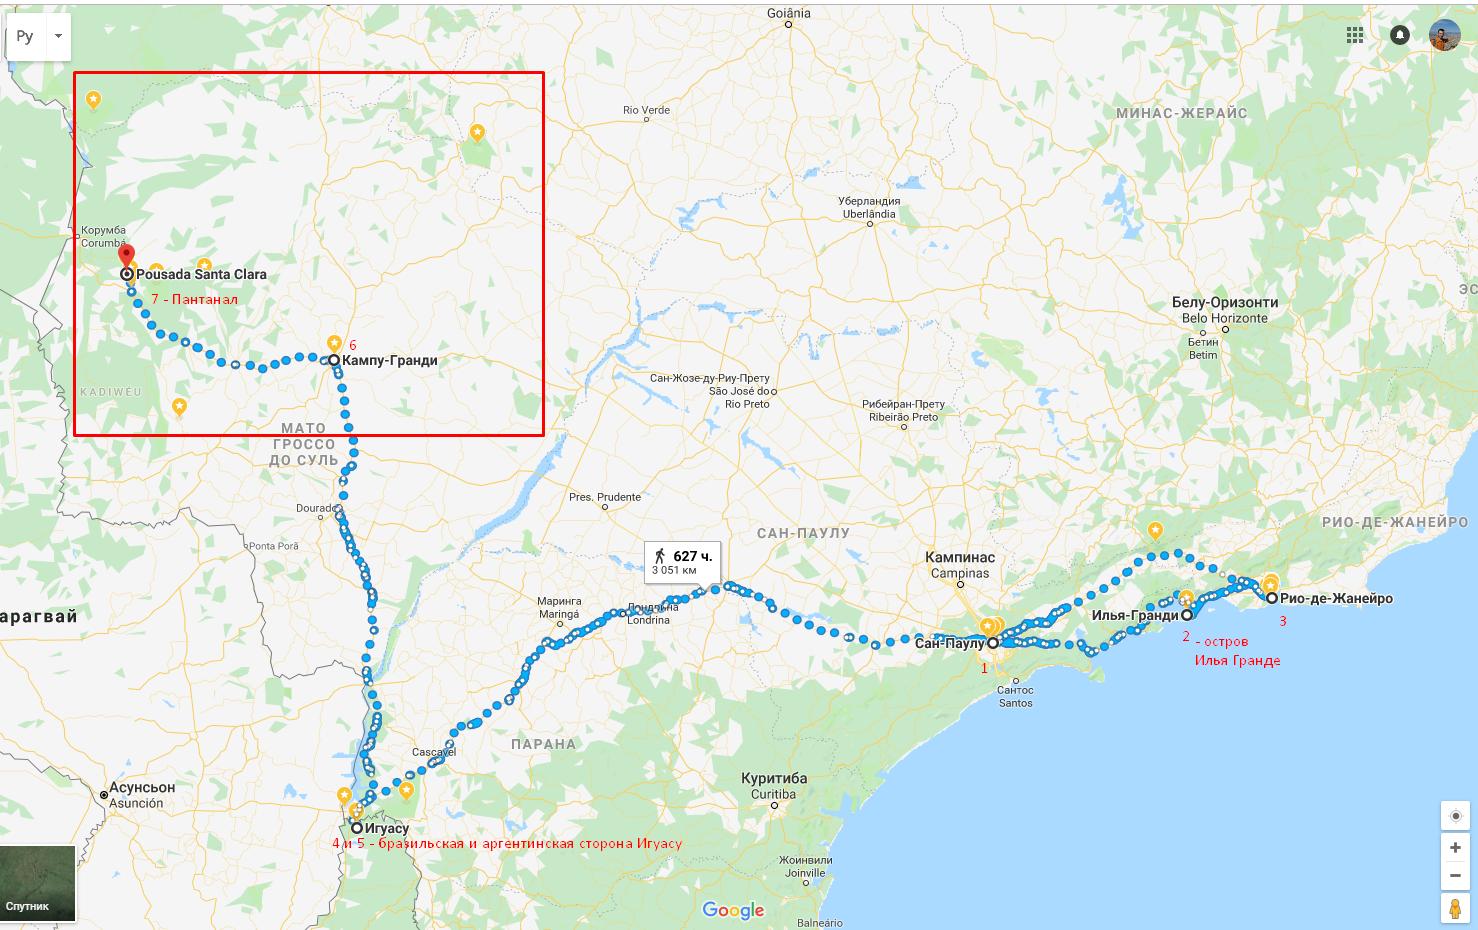 Маршрут путешествия по Бразилии на 2 недели